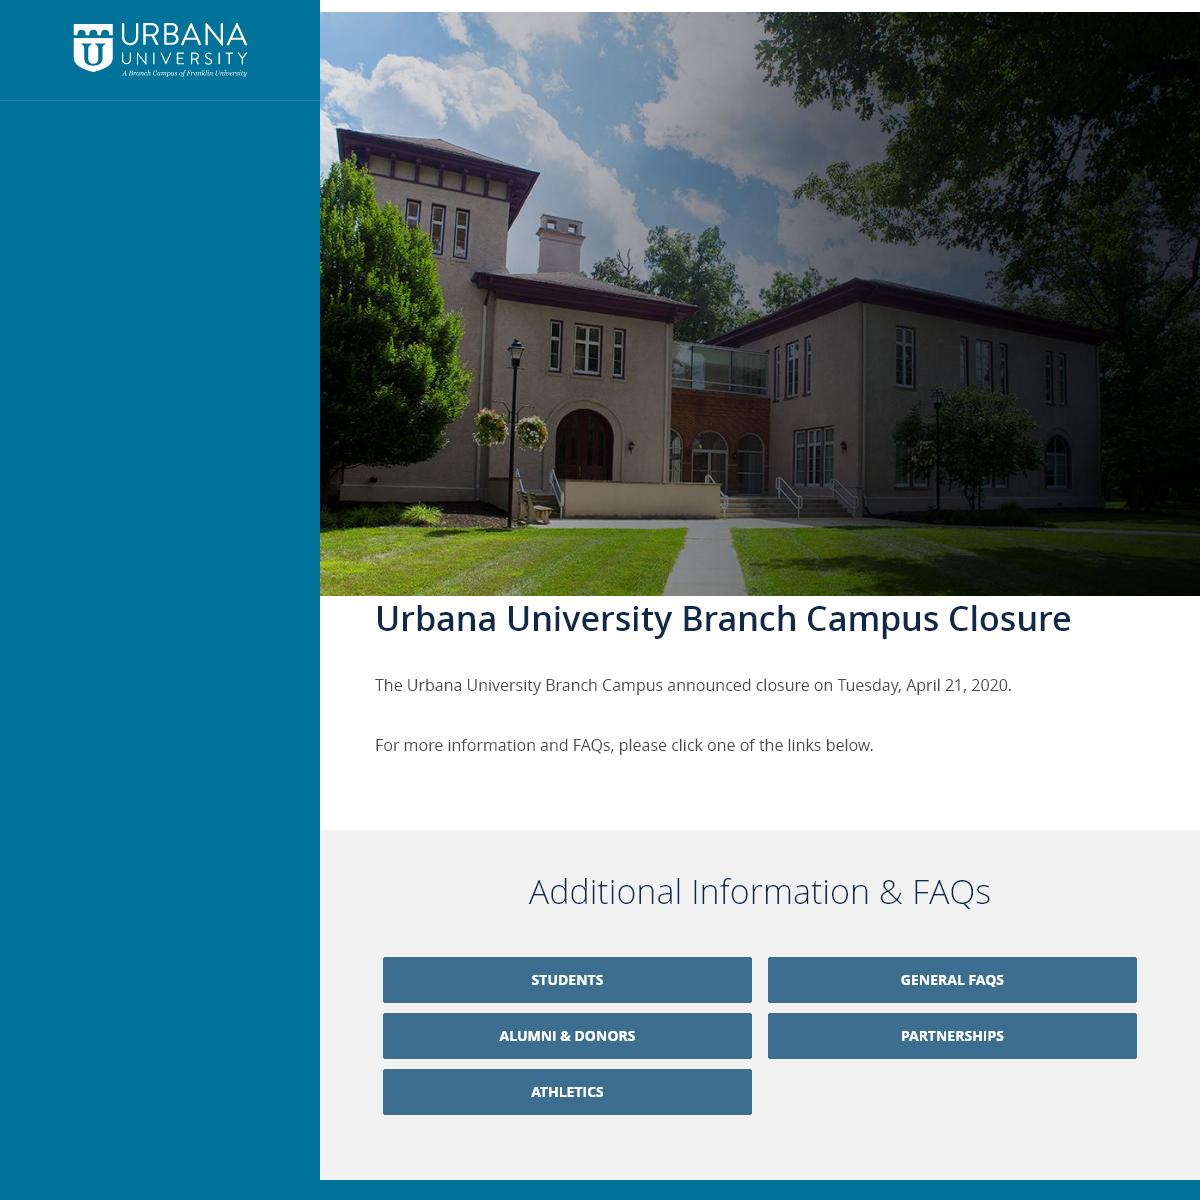 Small Private Division 2 College in Ohio - Urbana University